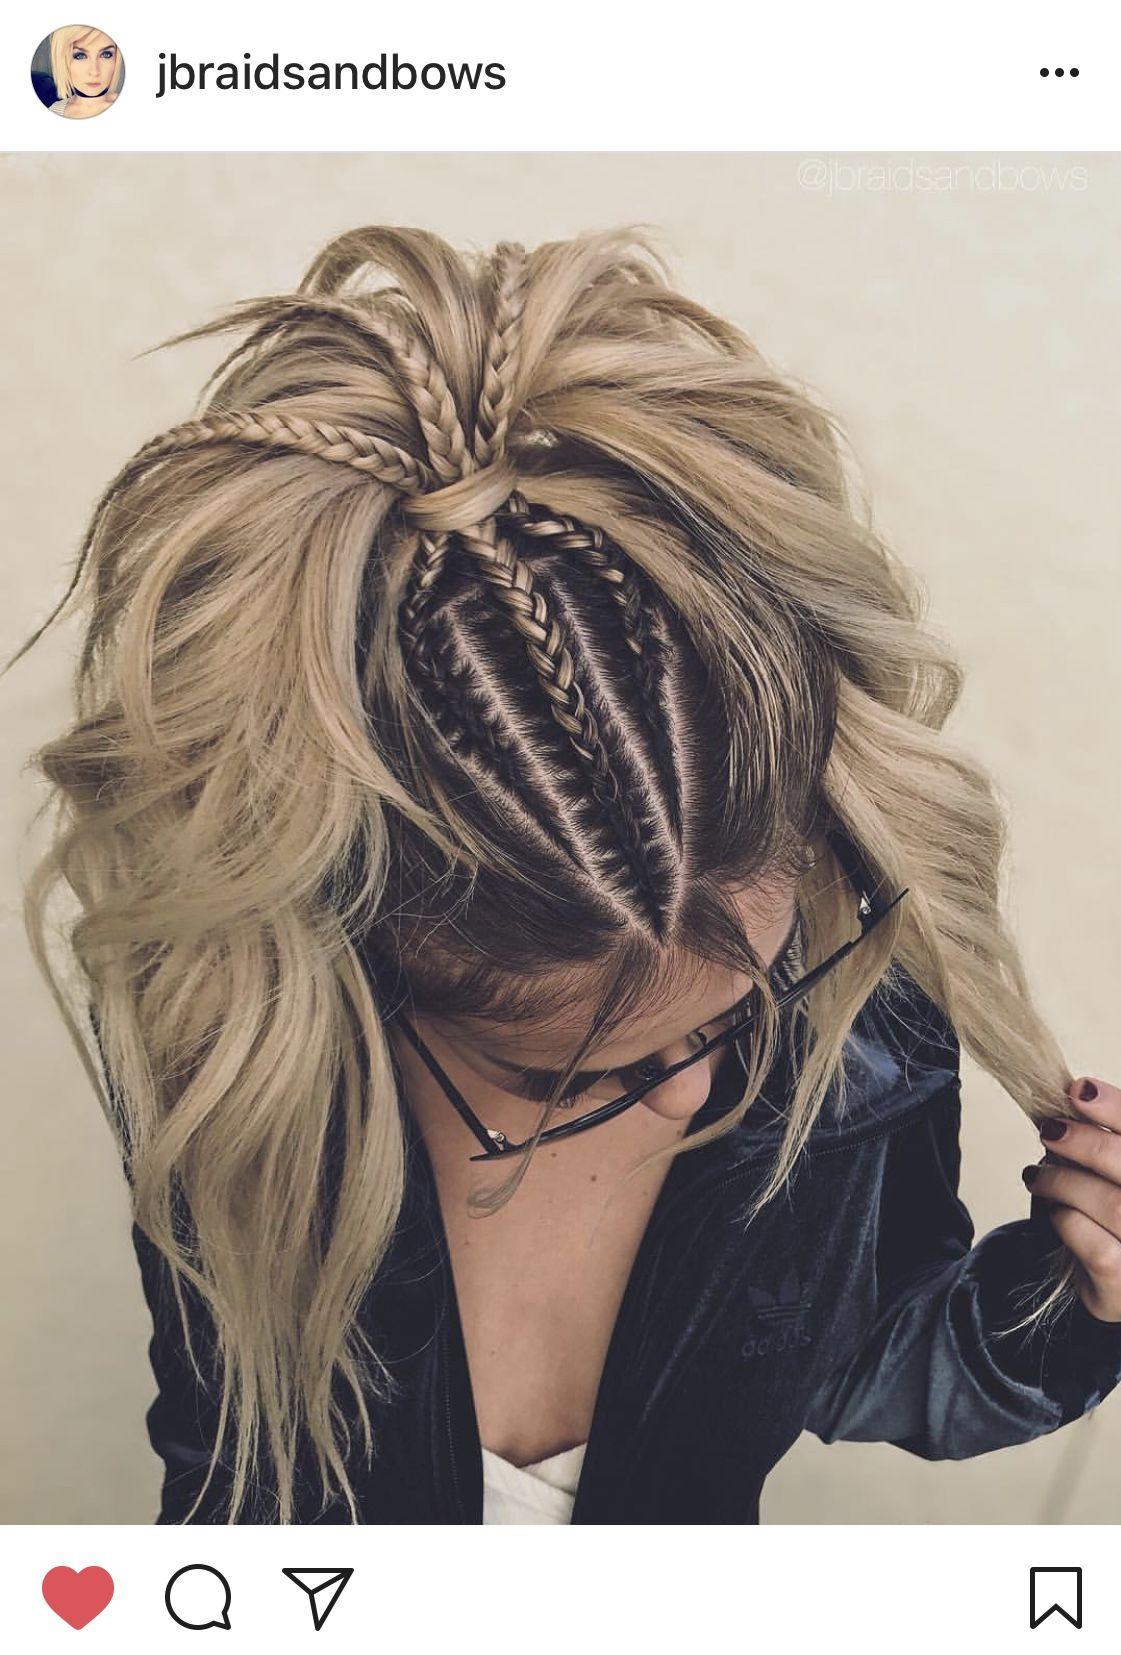 Jbraidsandbows Braided Pony Hair Inspiration Curly Hair